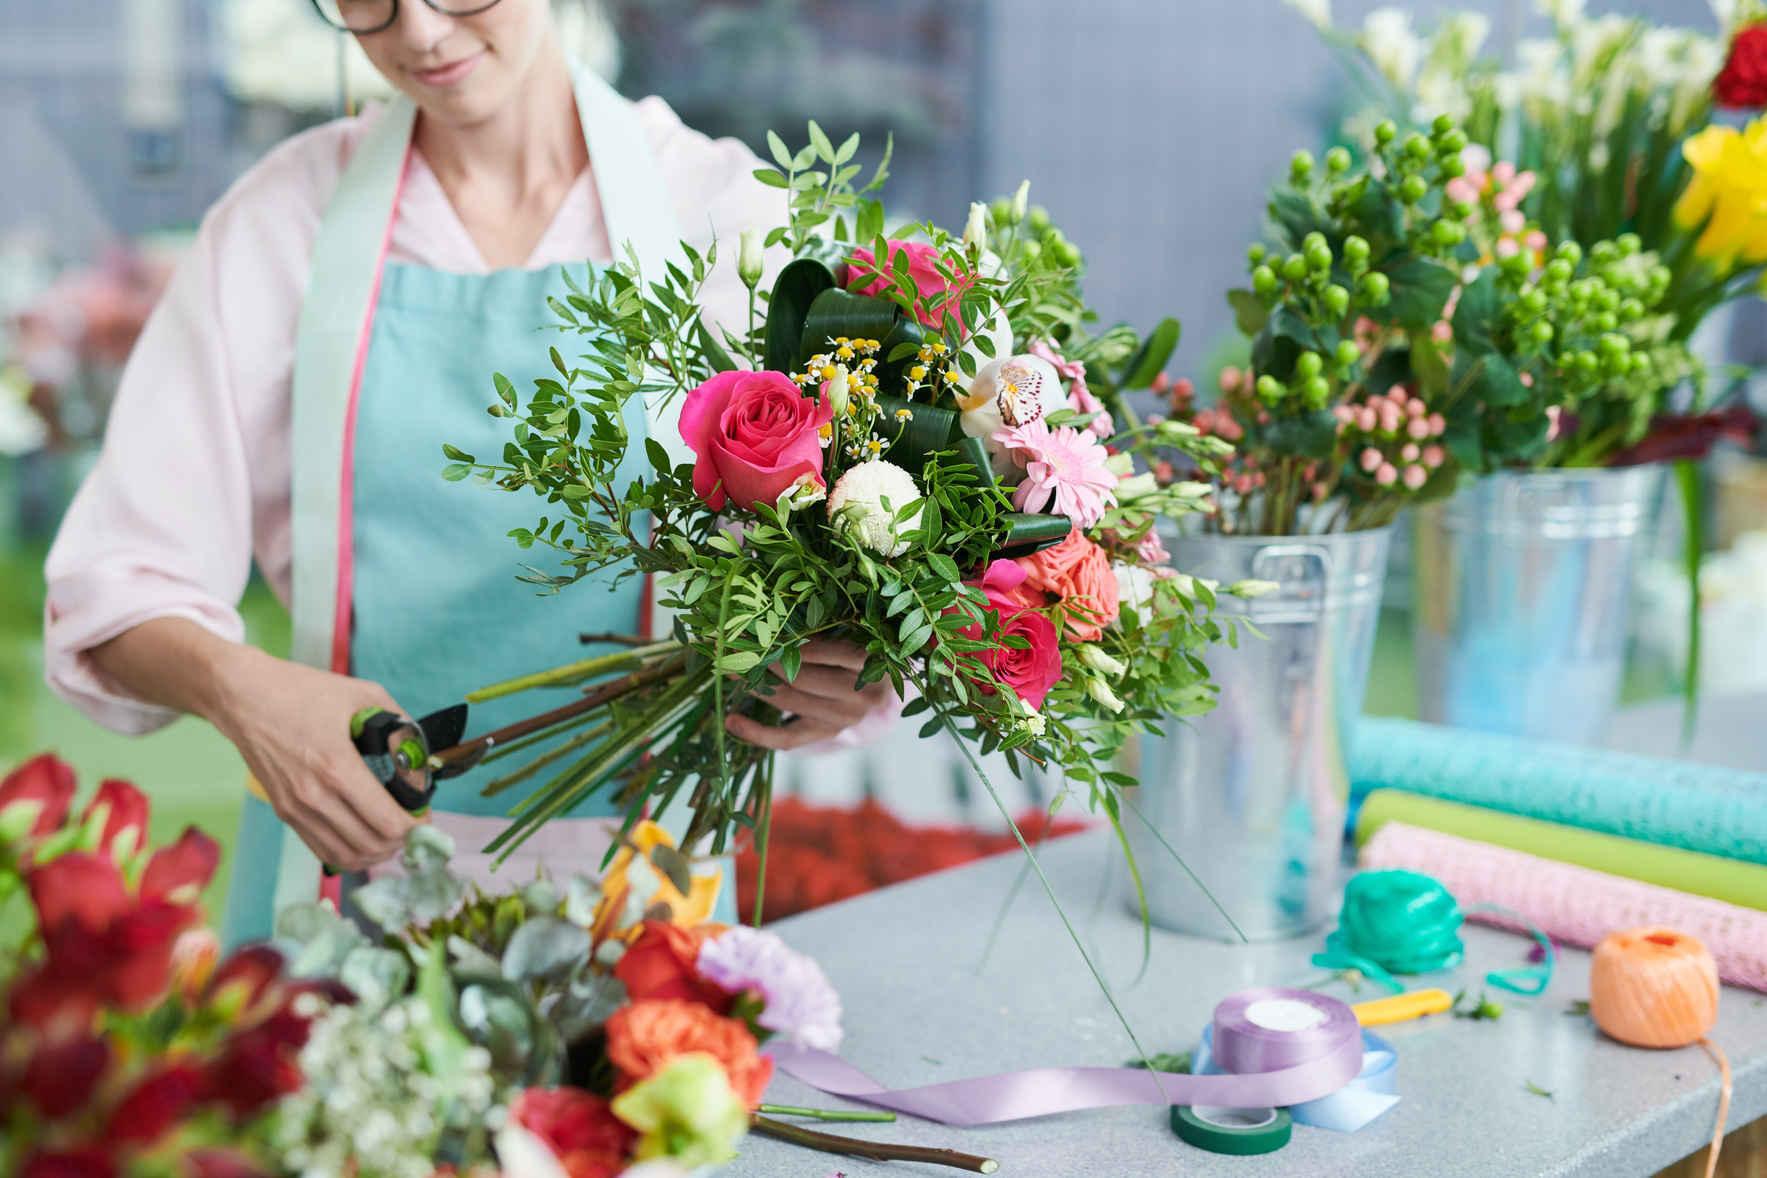 Sponsor a flower arranging kit for virtual flower arranging image